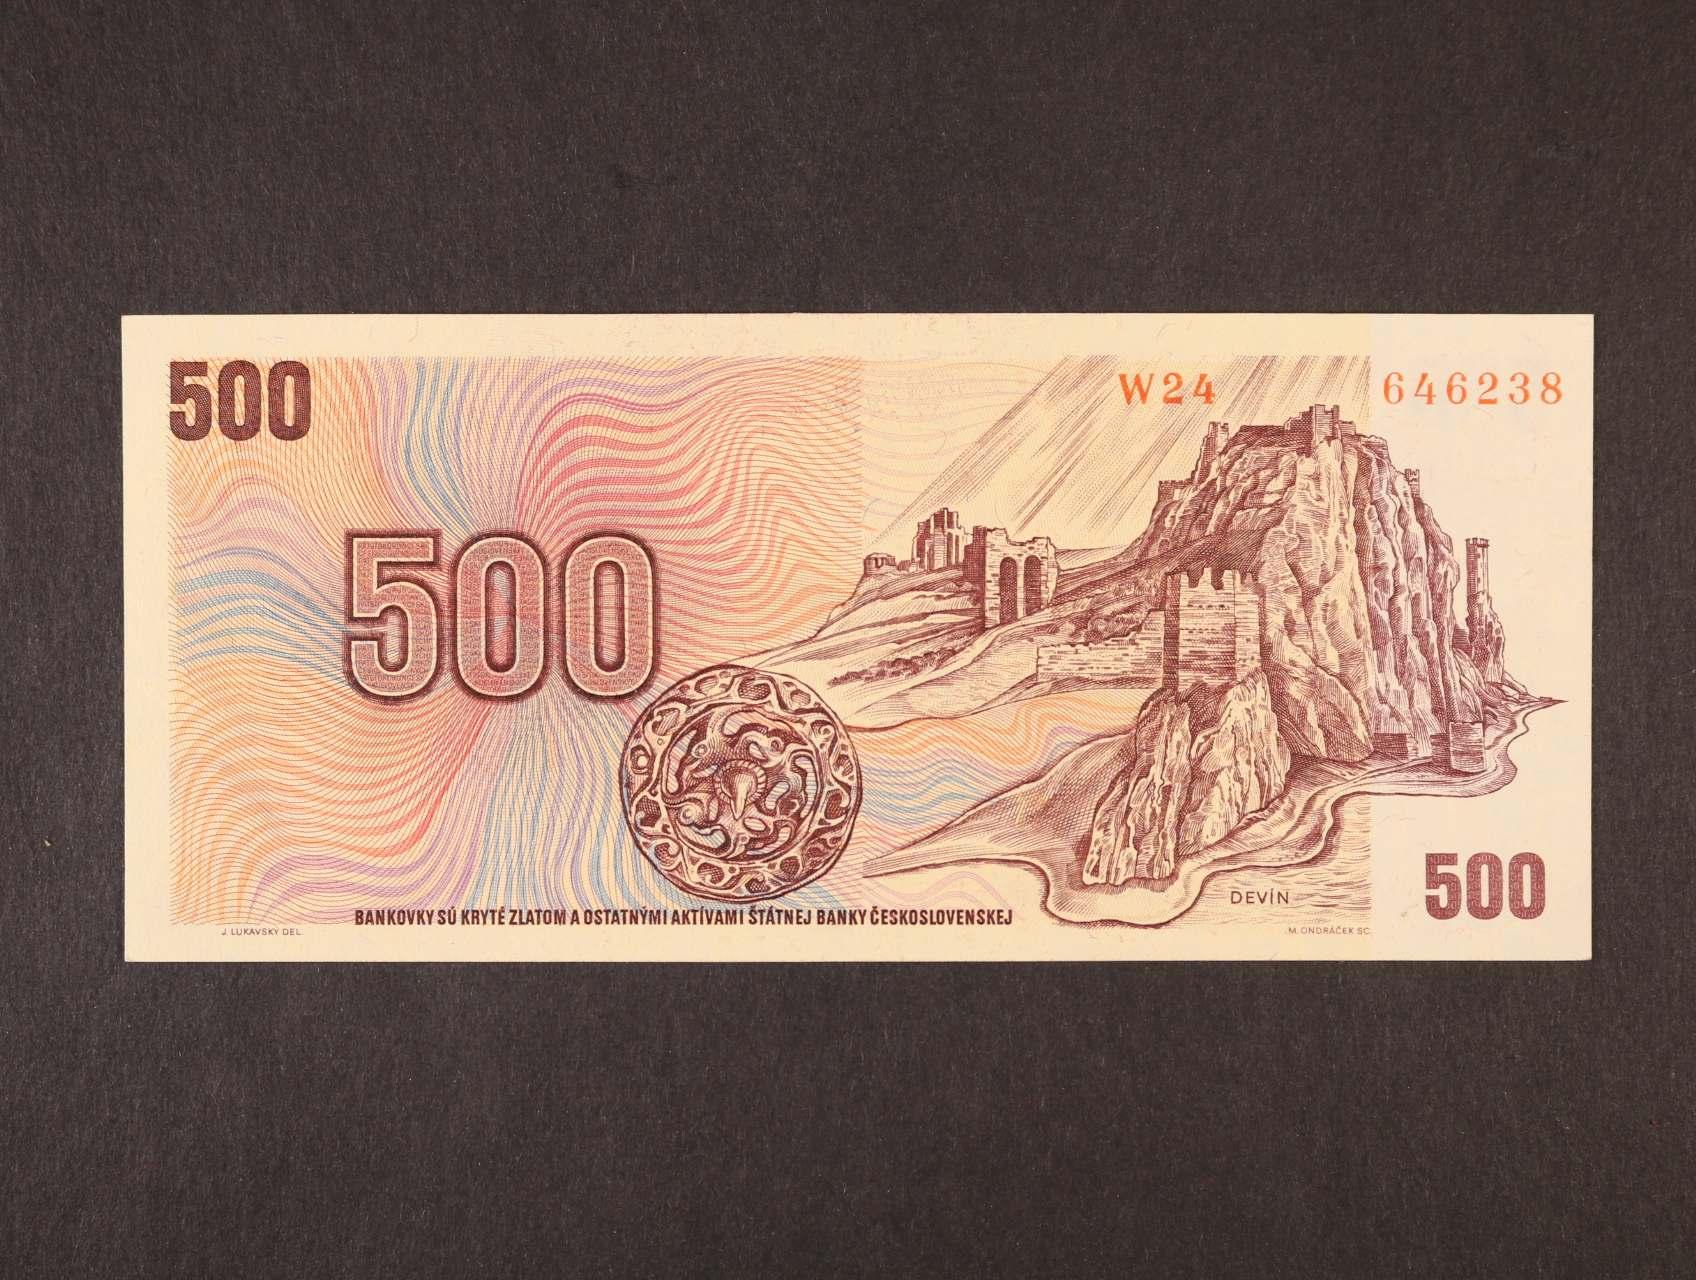 500 Kčs 1973 série W 24, Ba. 101, Pi. 93